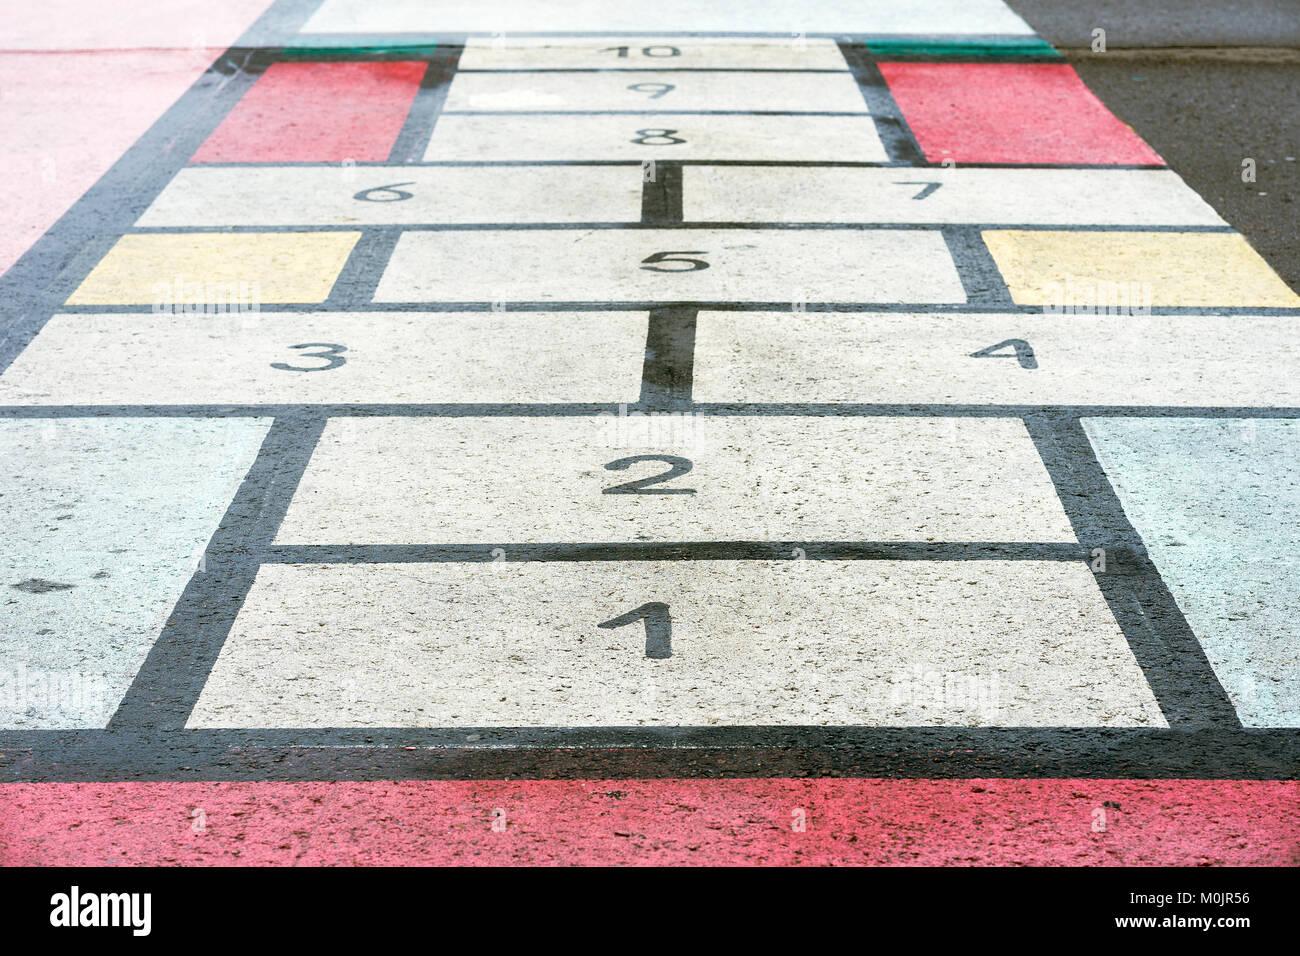 Classiic jeu d'enfants, à la marelle board dessiné sur l'asphalte, la texture, l'arrière-plan créatif moderne Banque D'Images